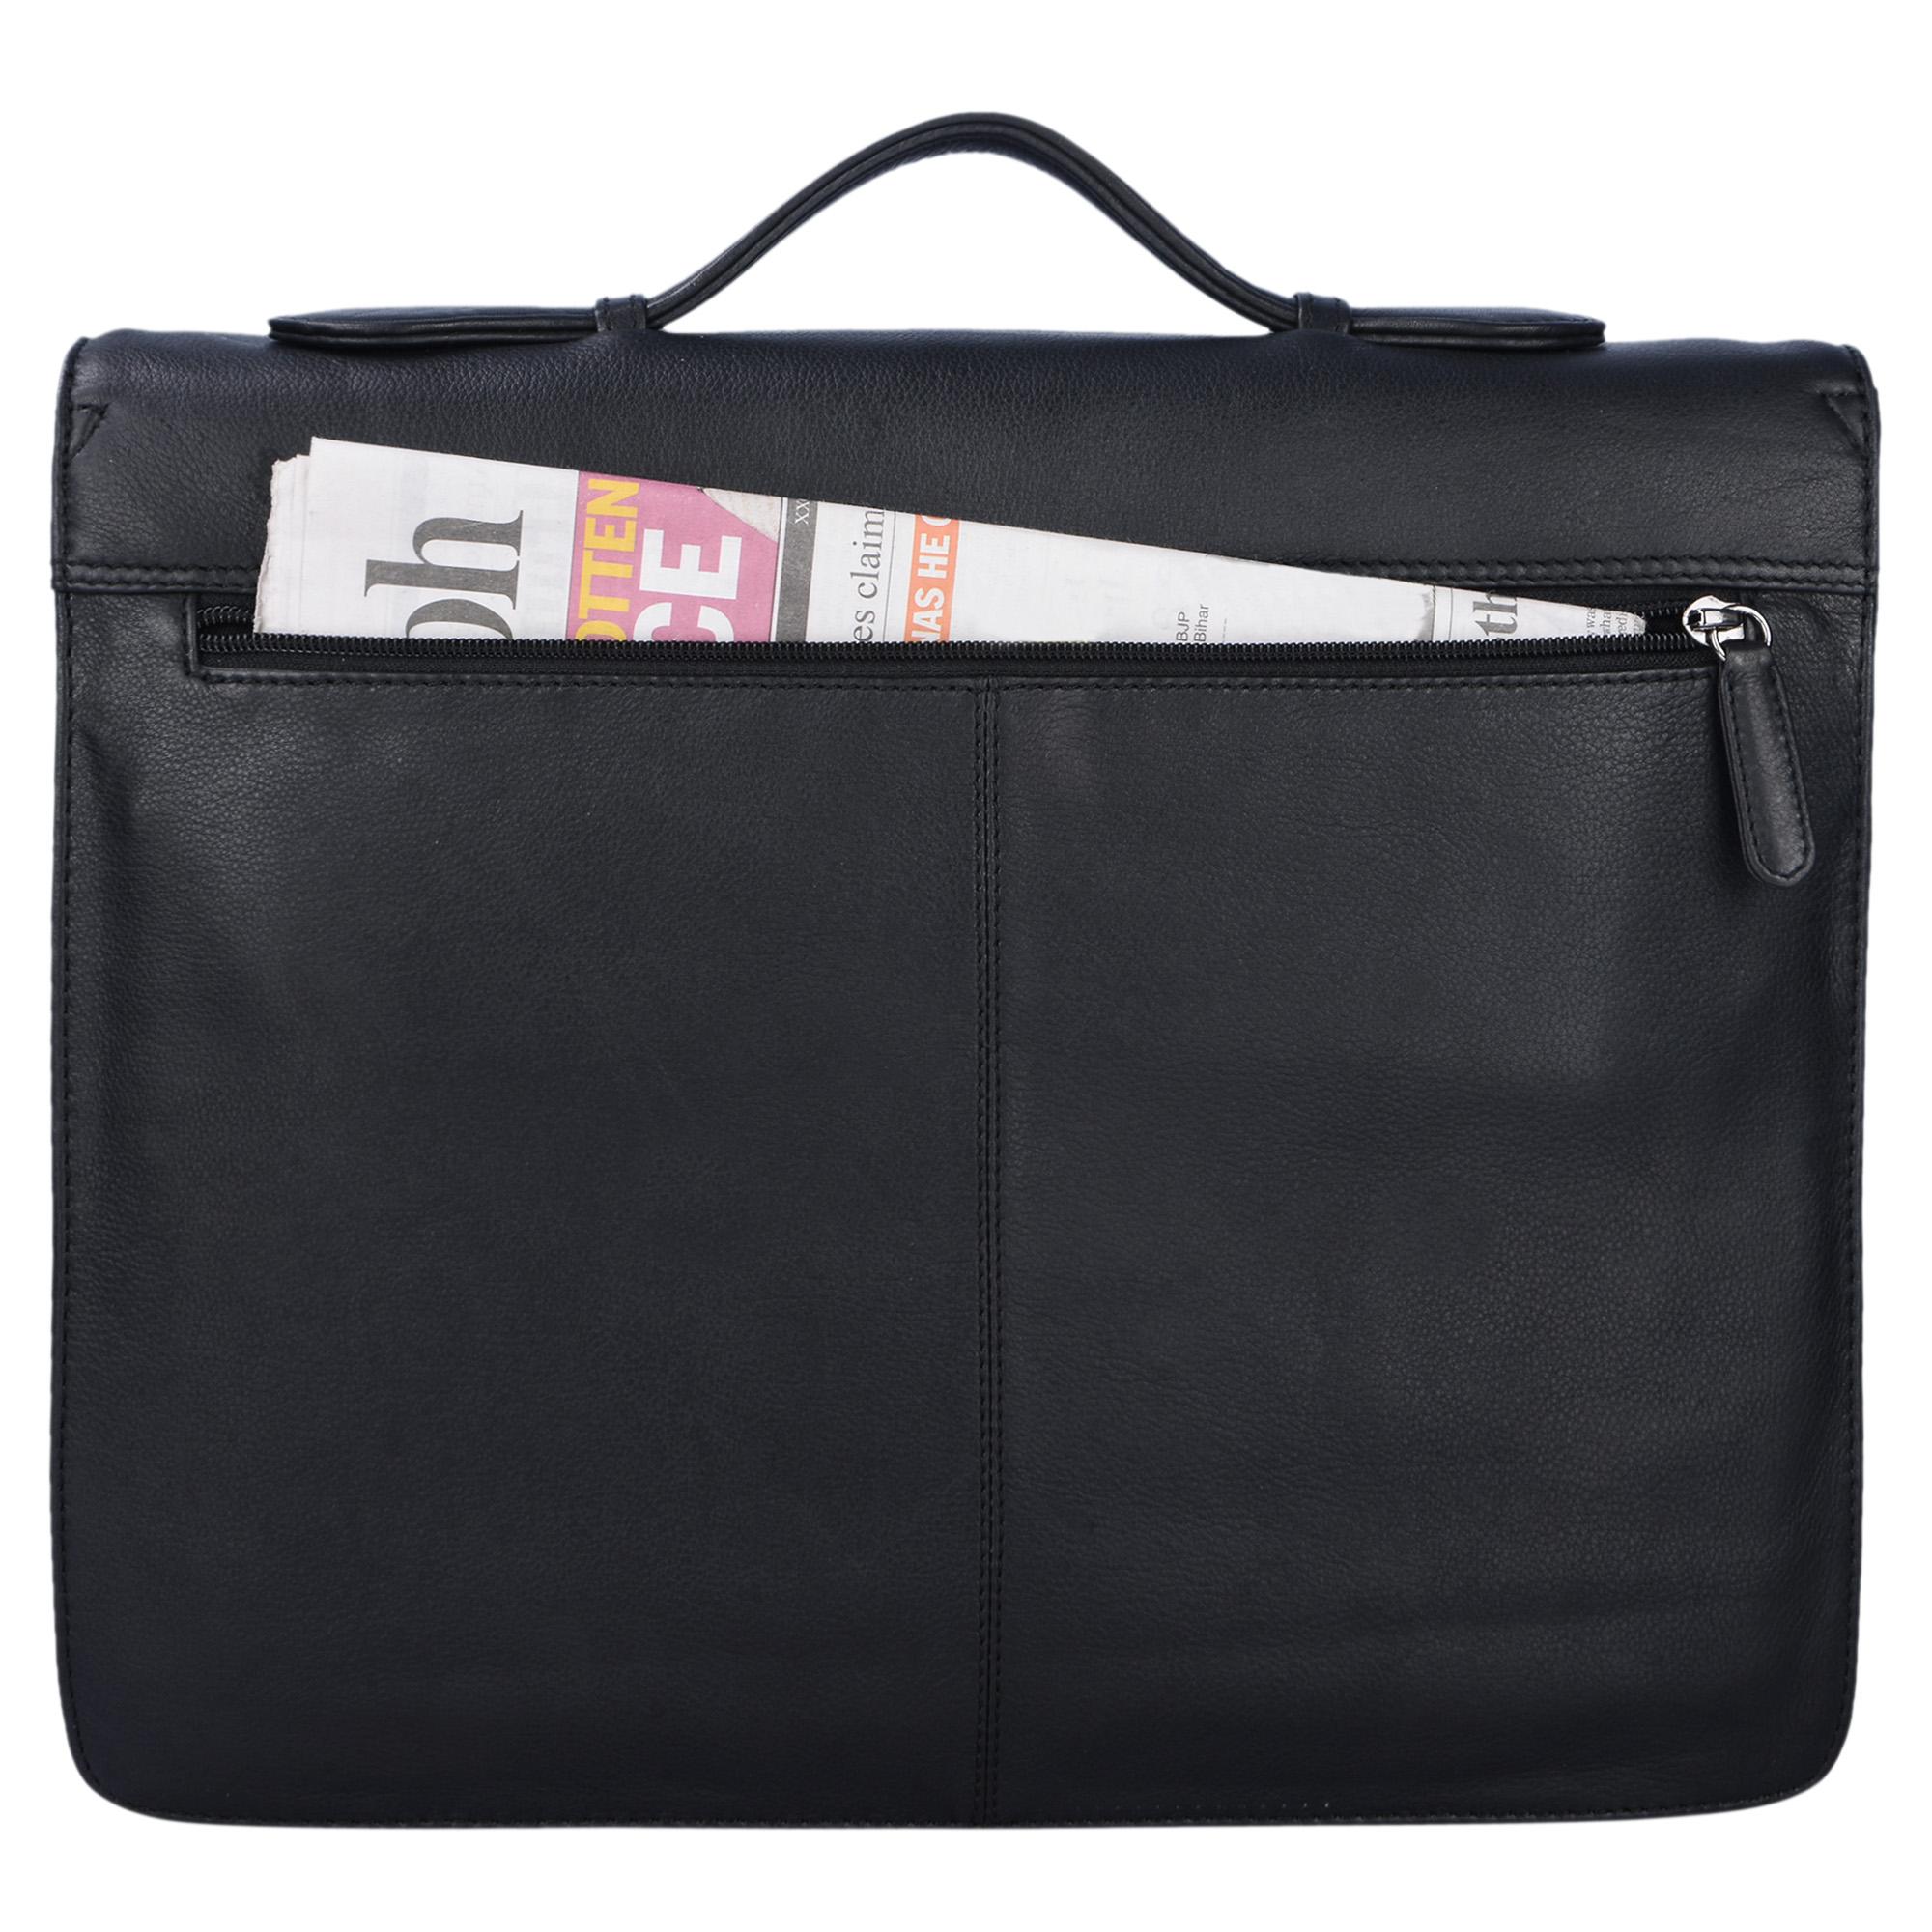 """STILORD """"Aurelio"""" Vintage Konferenzmappe Leder mit Griff A4 Aktentasche schmal Aktenmappe Dokumentenmappe mit Henkel für 13,3 Zoll MacBooks echtes Rindsleder - Bild 10"""